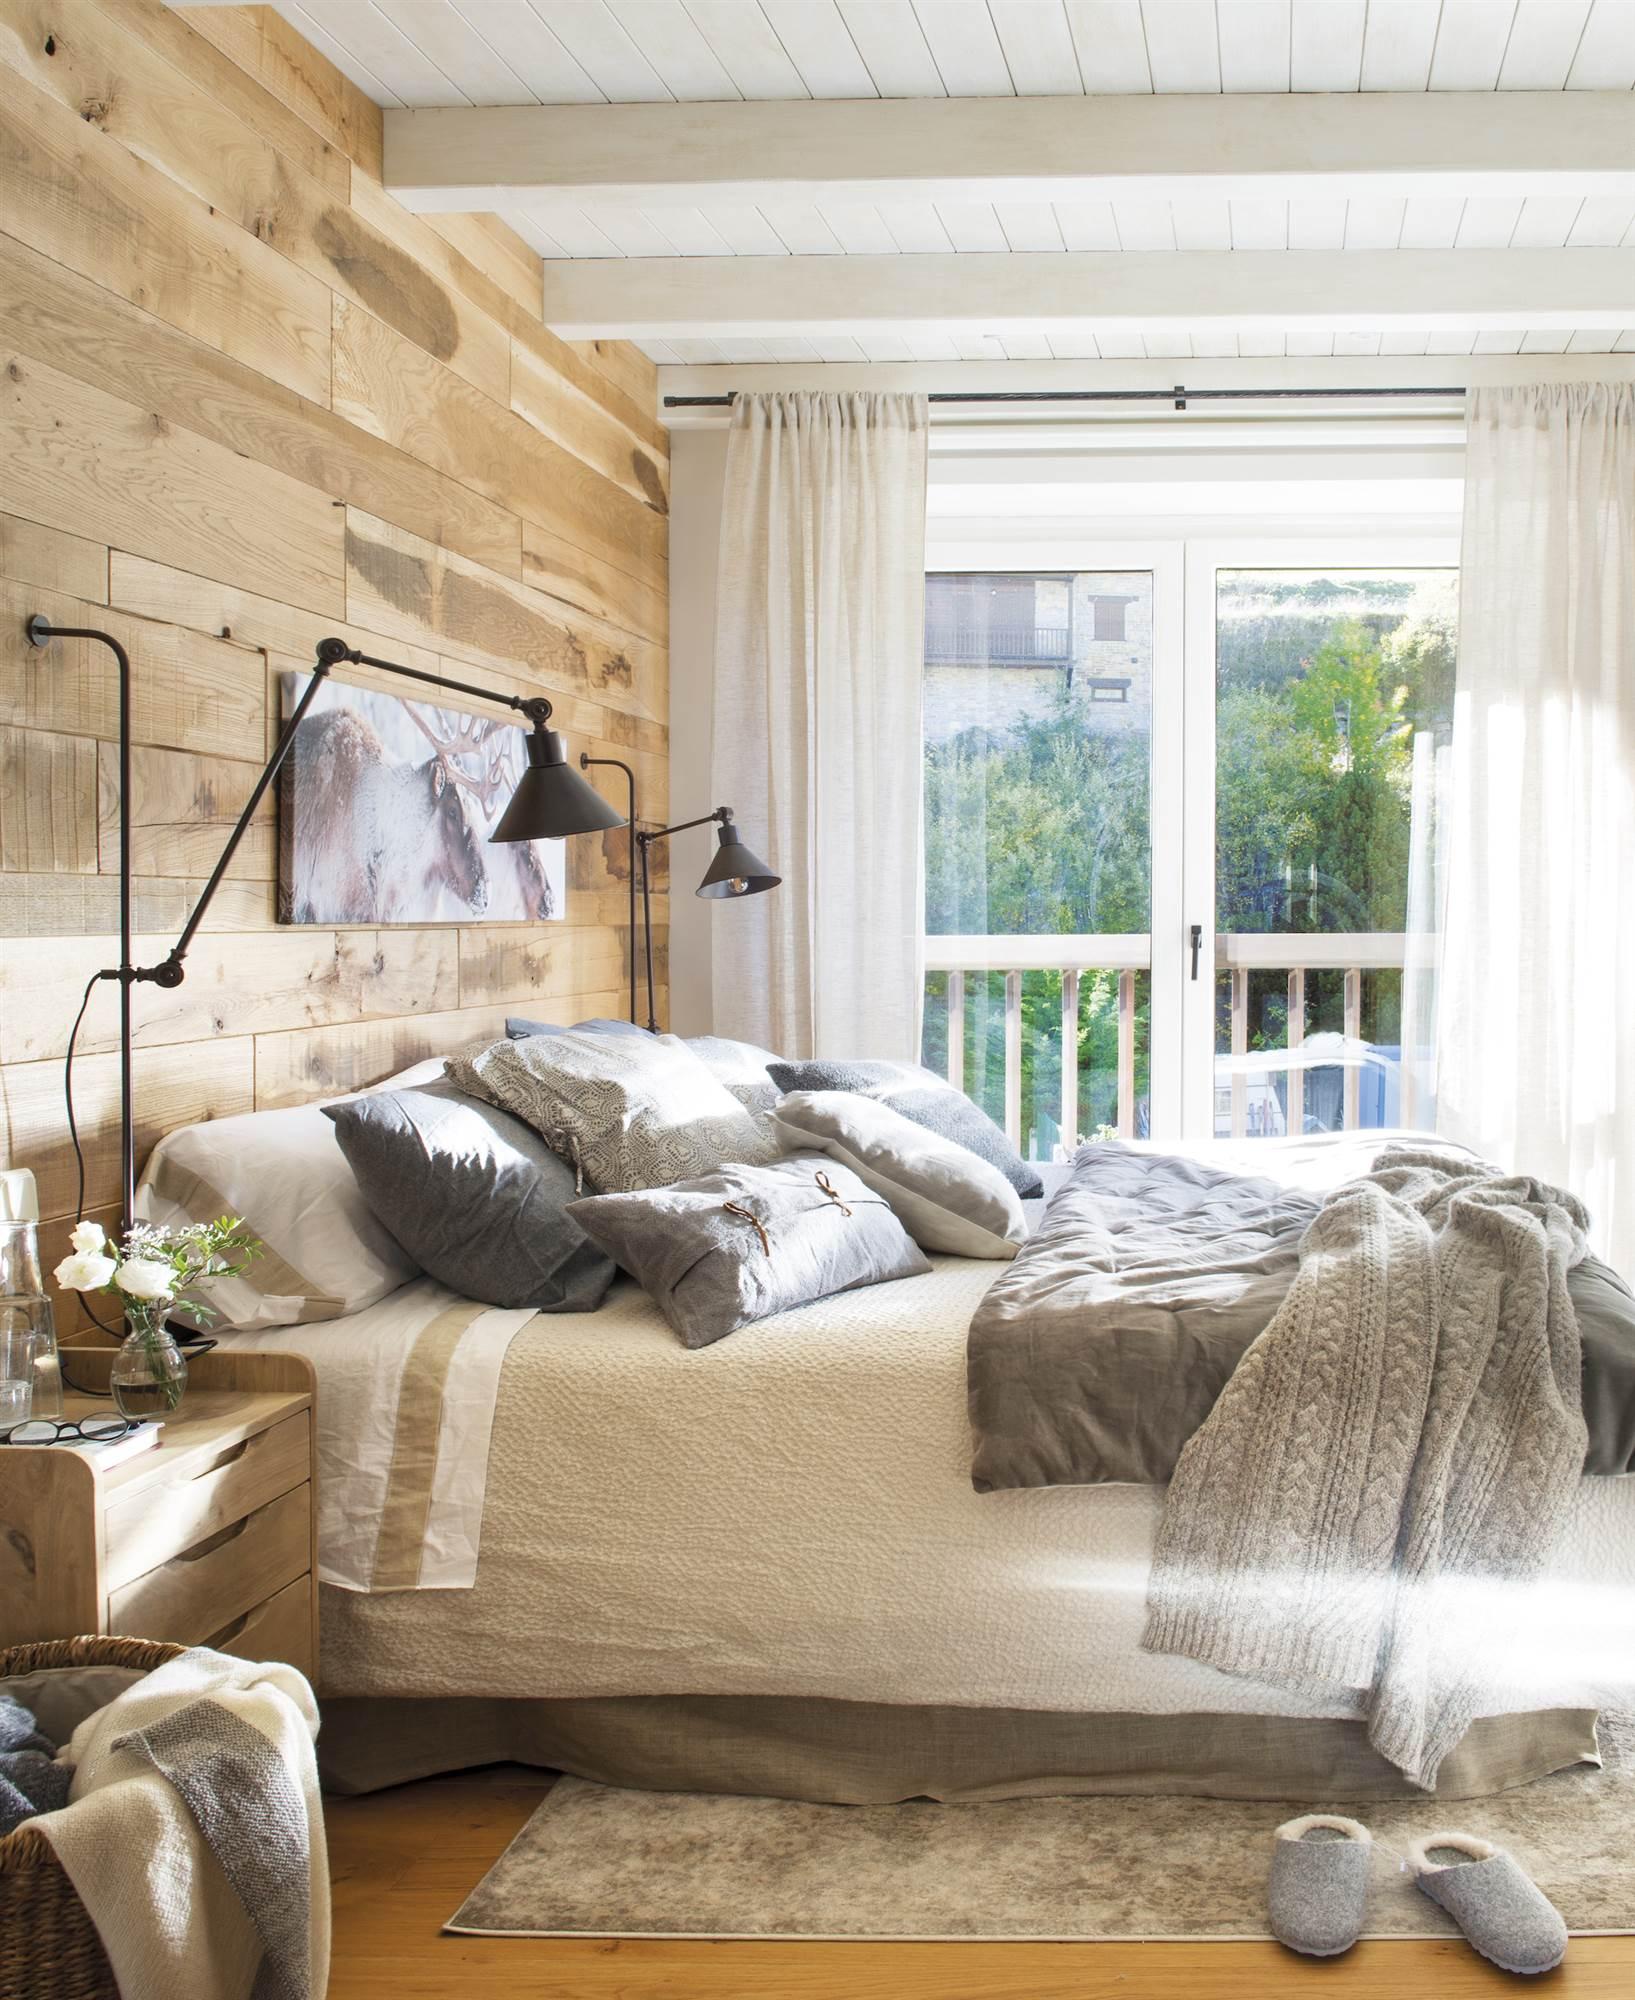 Cabeceros de cama originales - Habitacion de madera ...